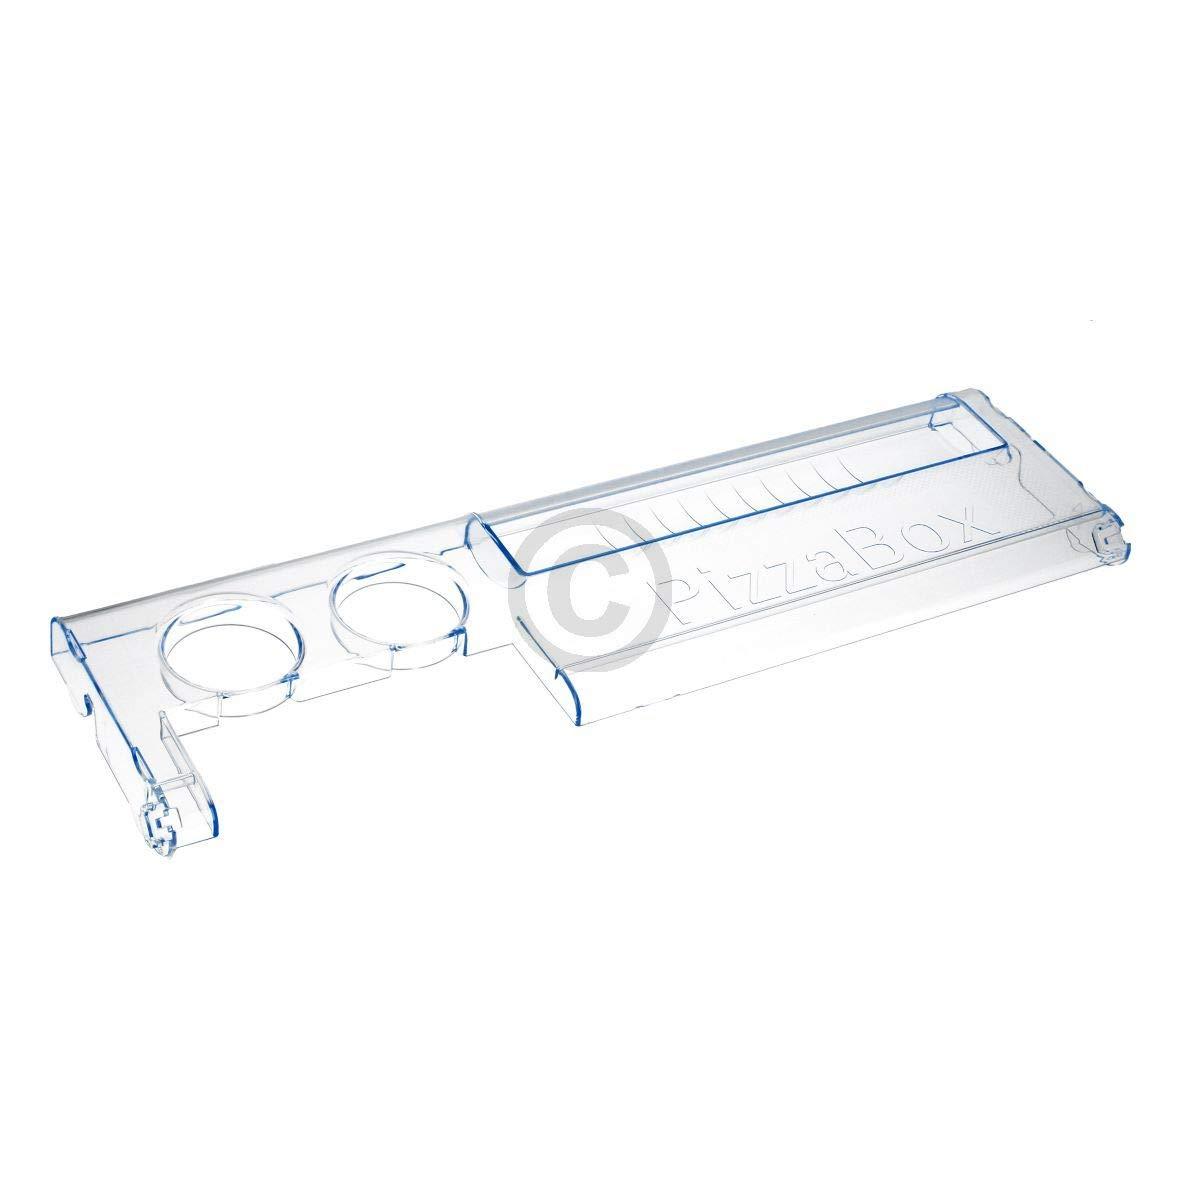 Bosch Siemens 664842 00664842 ORIGINAL Pizzafachklappe PizzaBox Klappe T/ür Fachklappe Deckel Abdeckung 503x145mm K/ühlschrank Gefrierschrank Gefrierger/ät auch Constructa Neff Balay